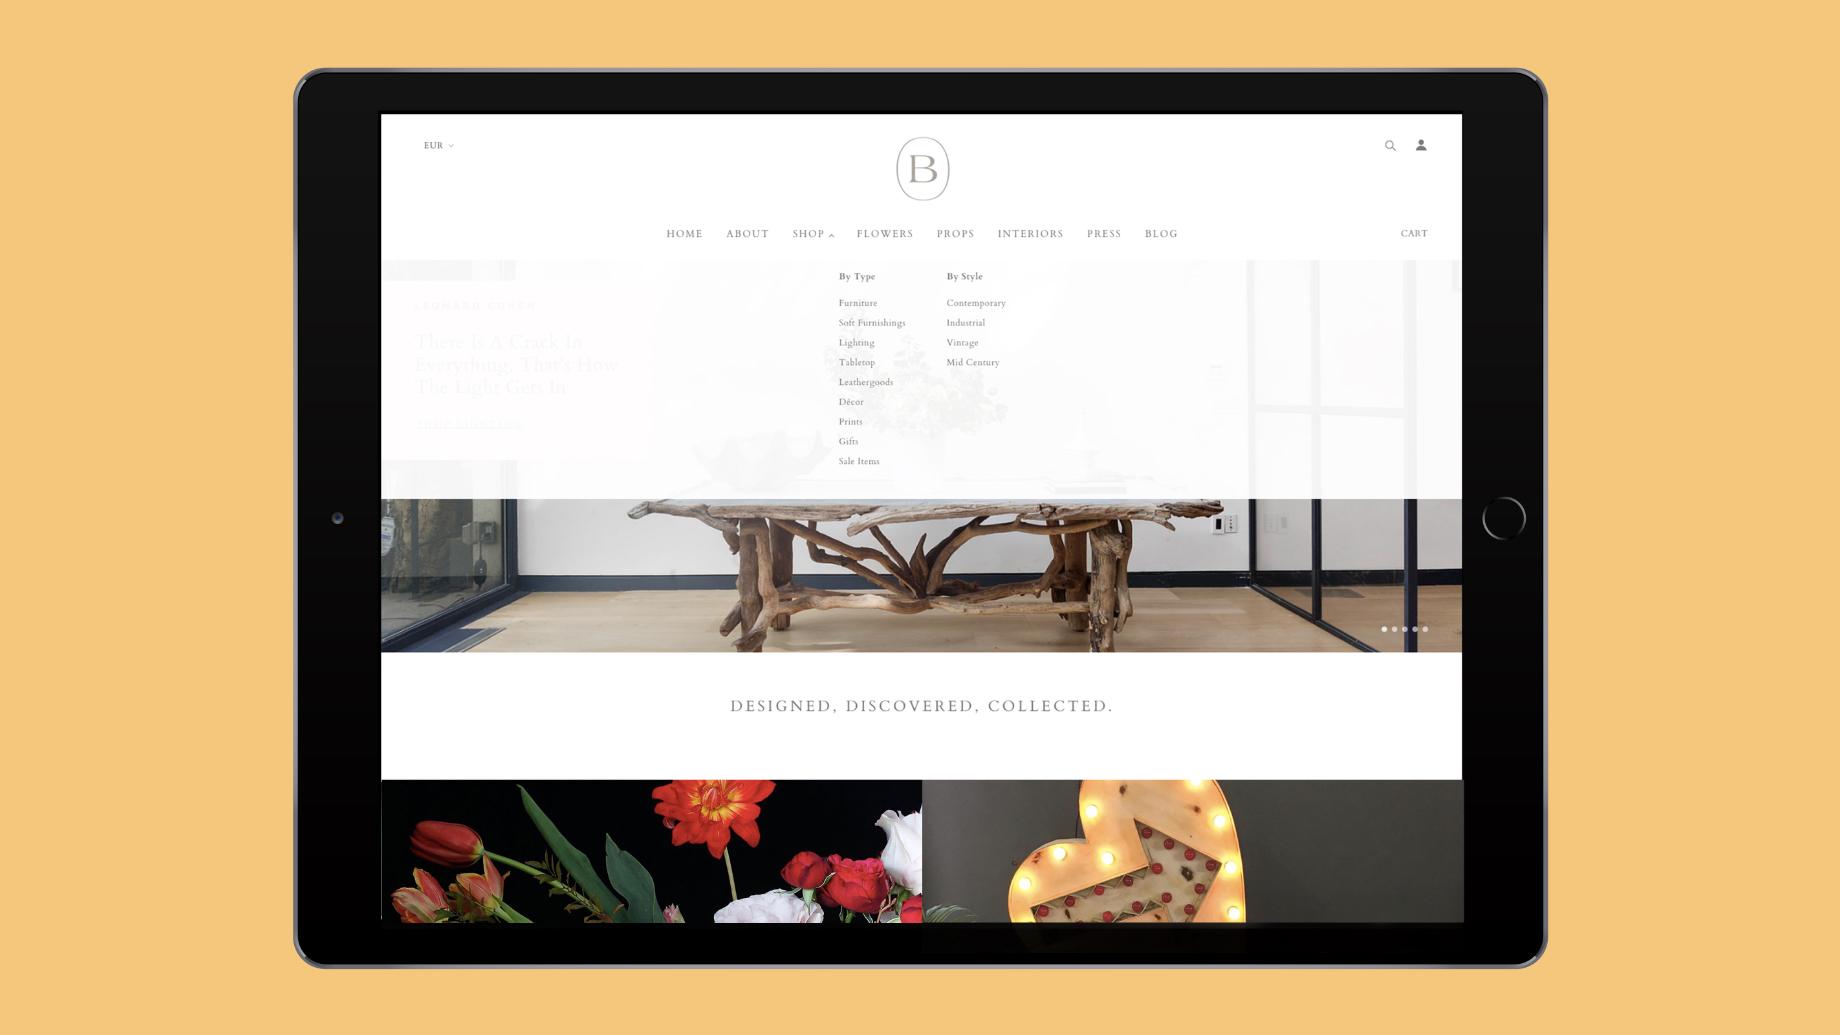 ipad home page.jpg